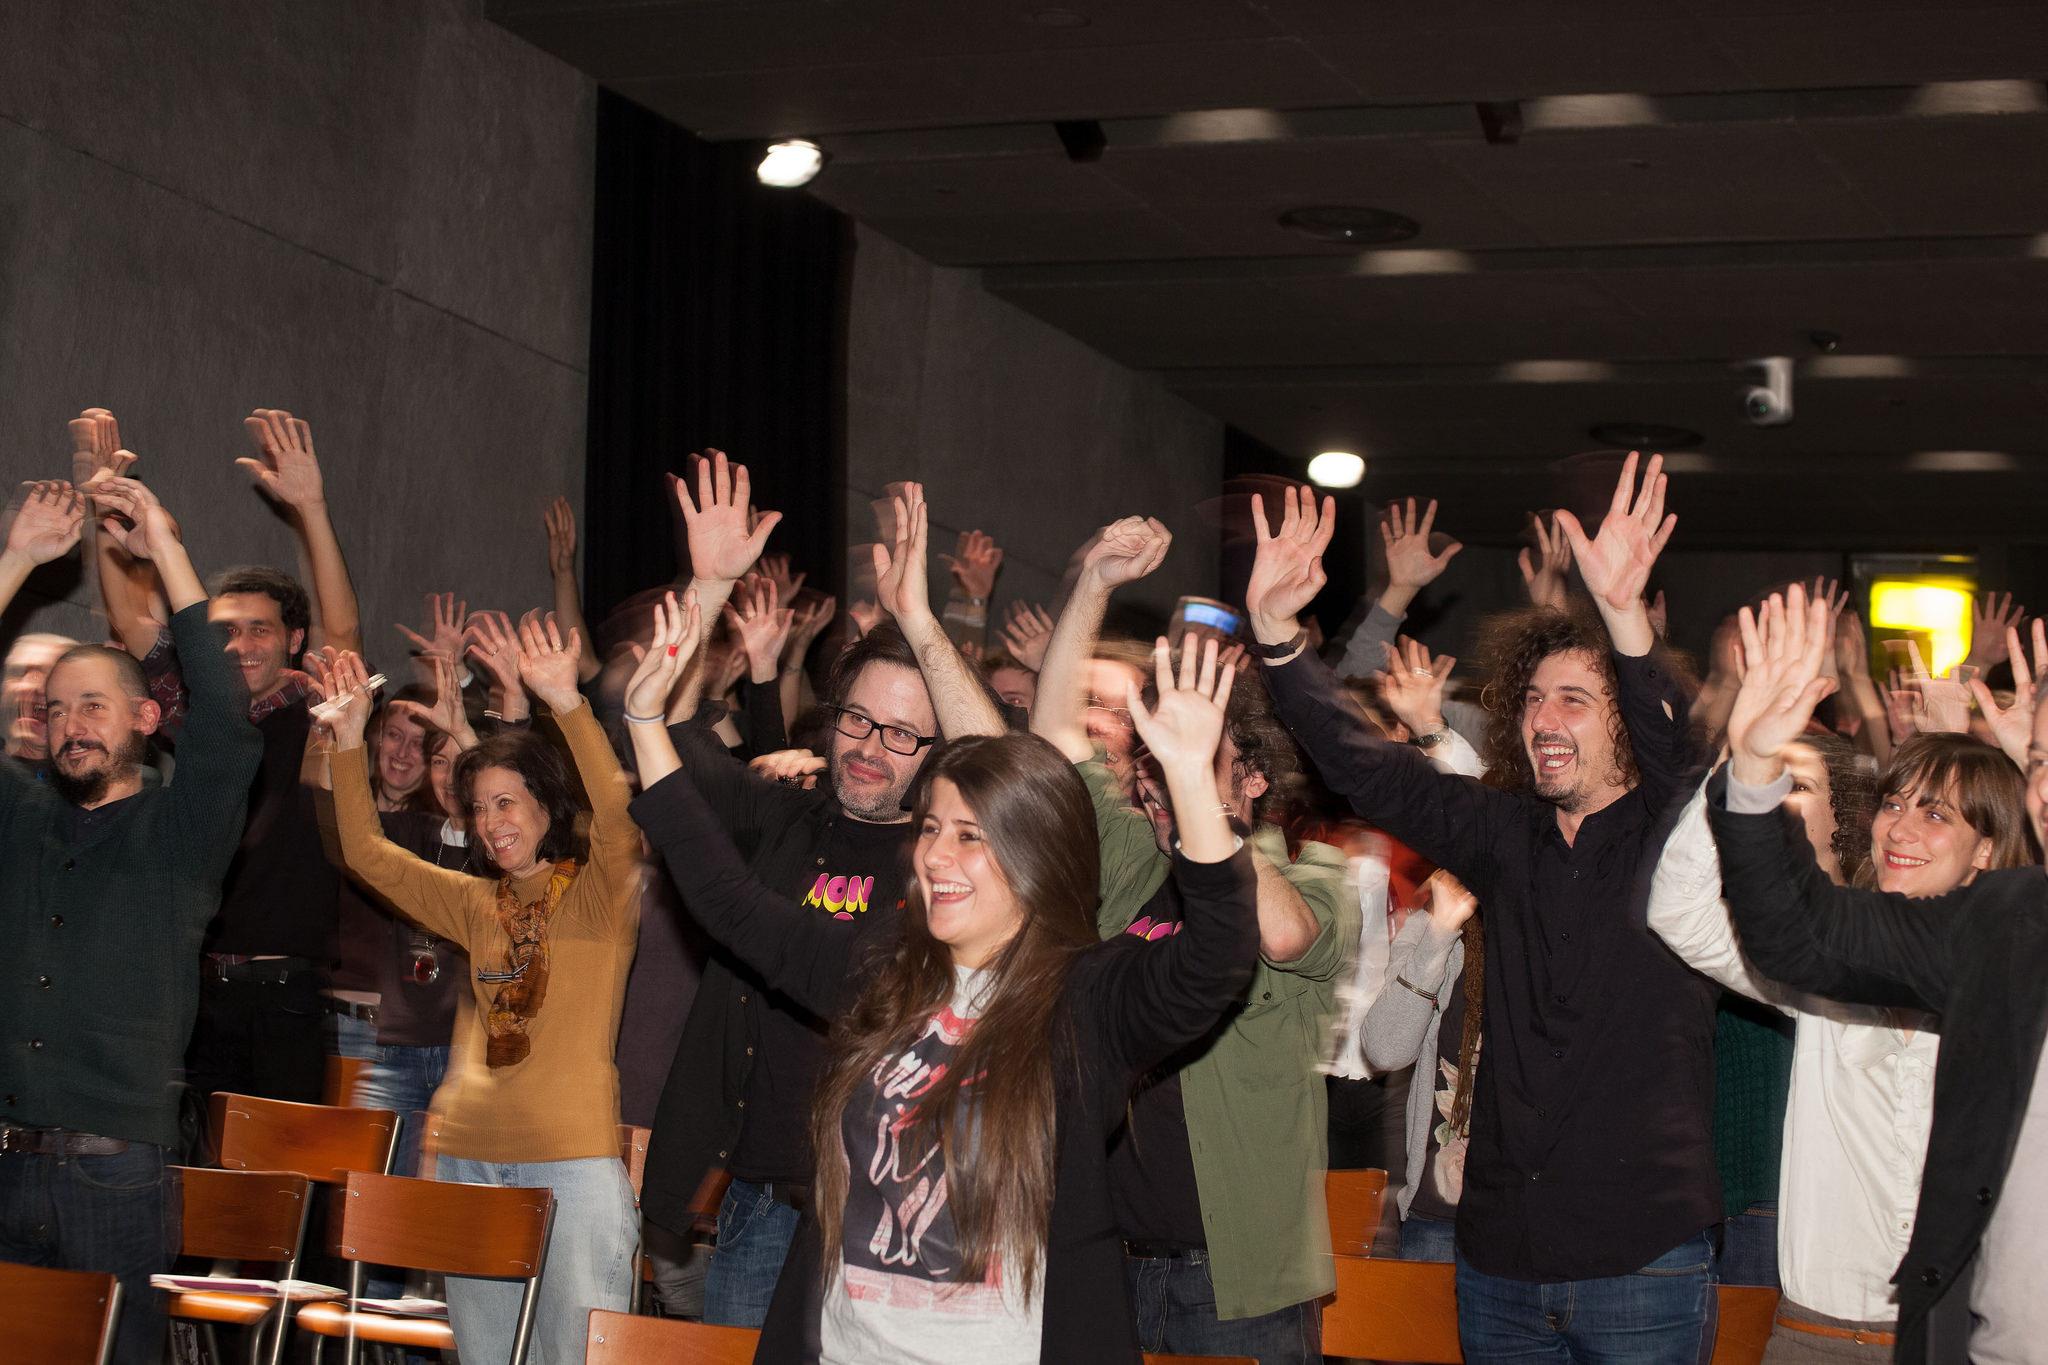 público Premios Gràffica 2012 Bilbao